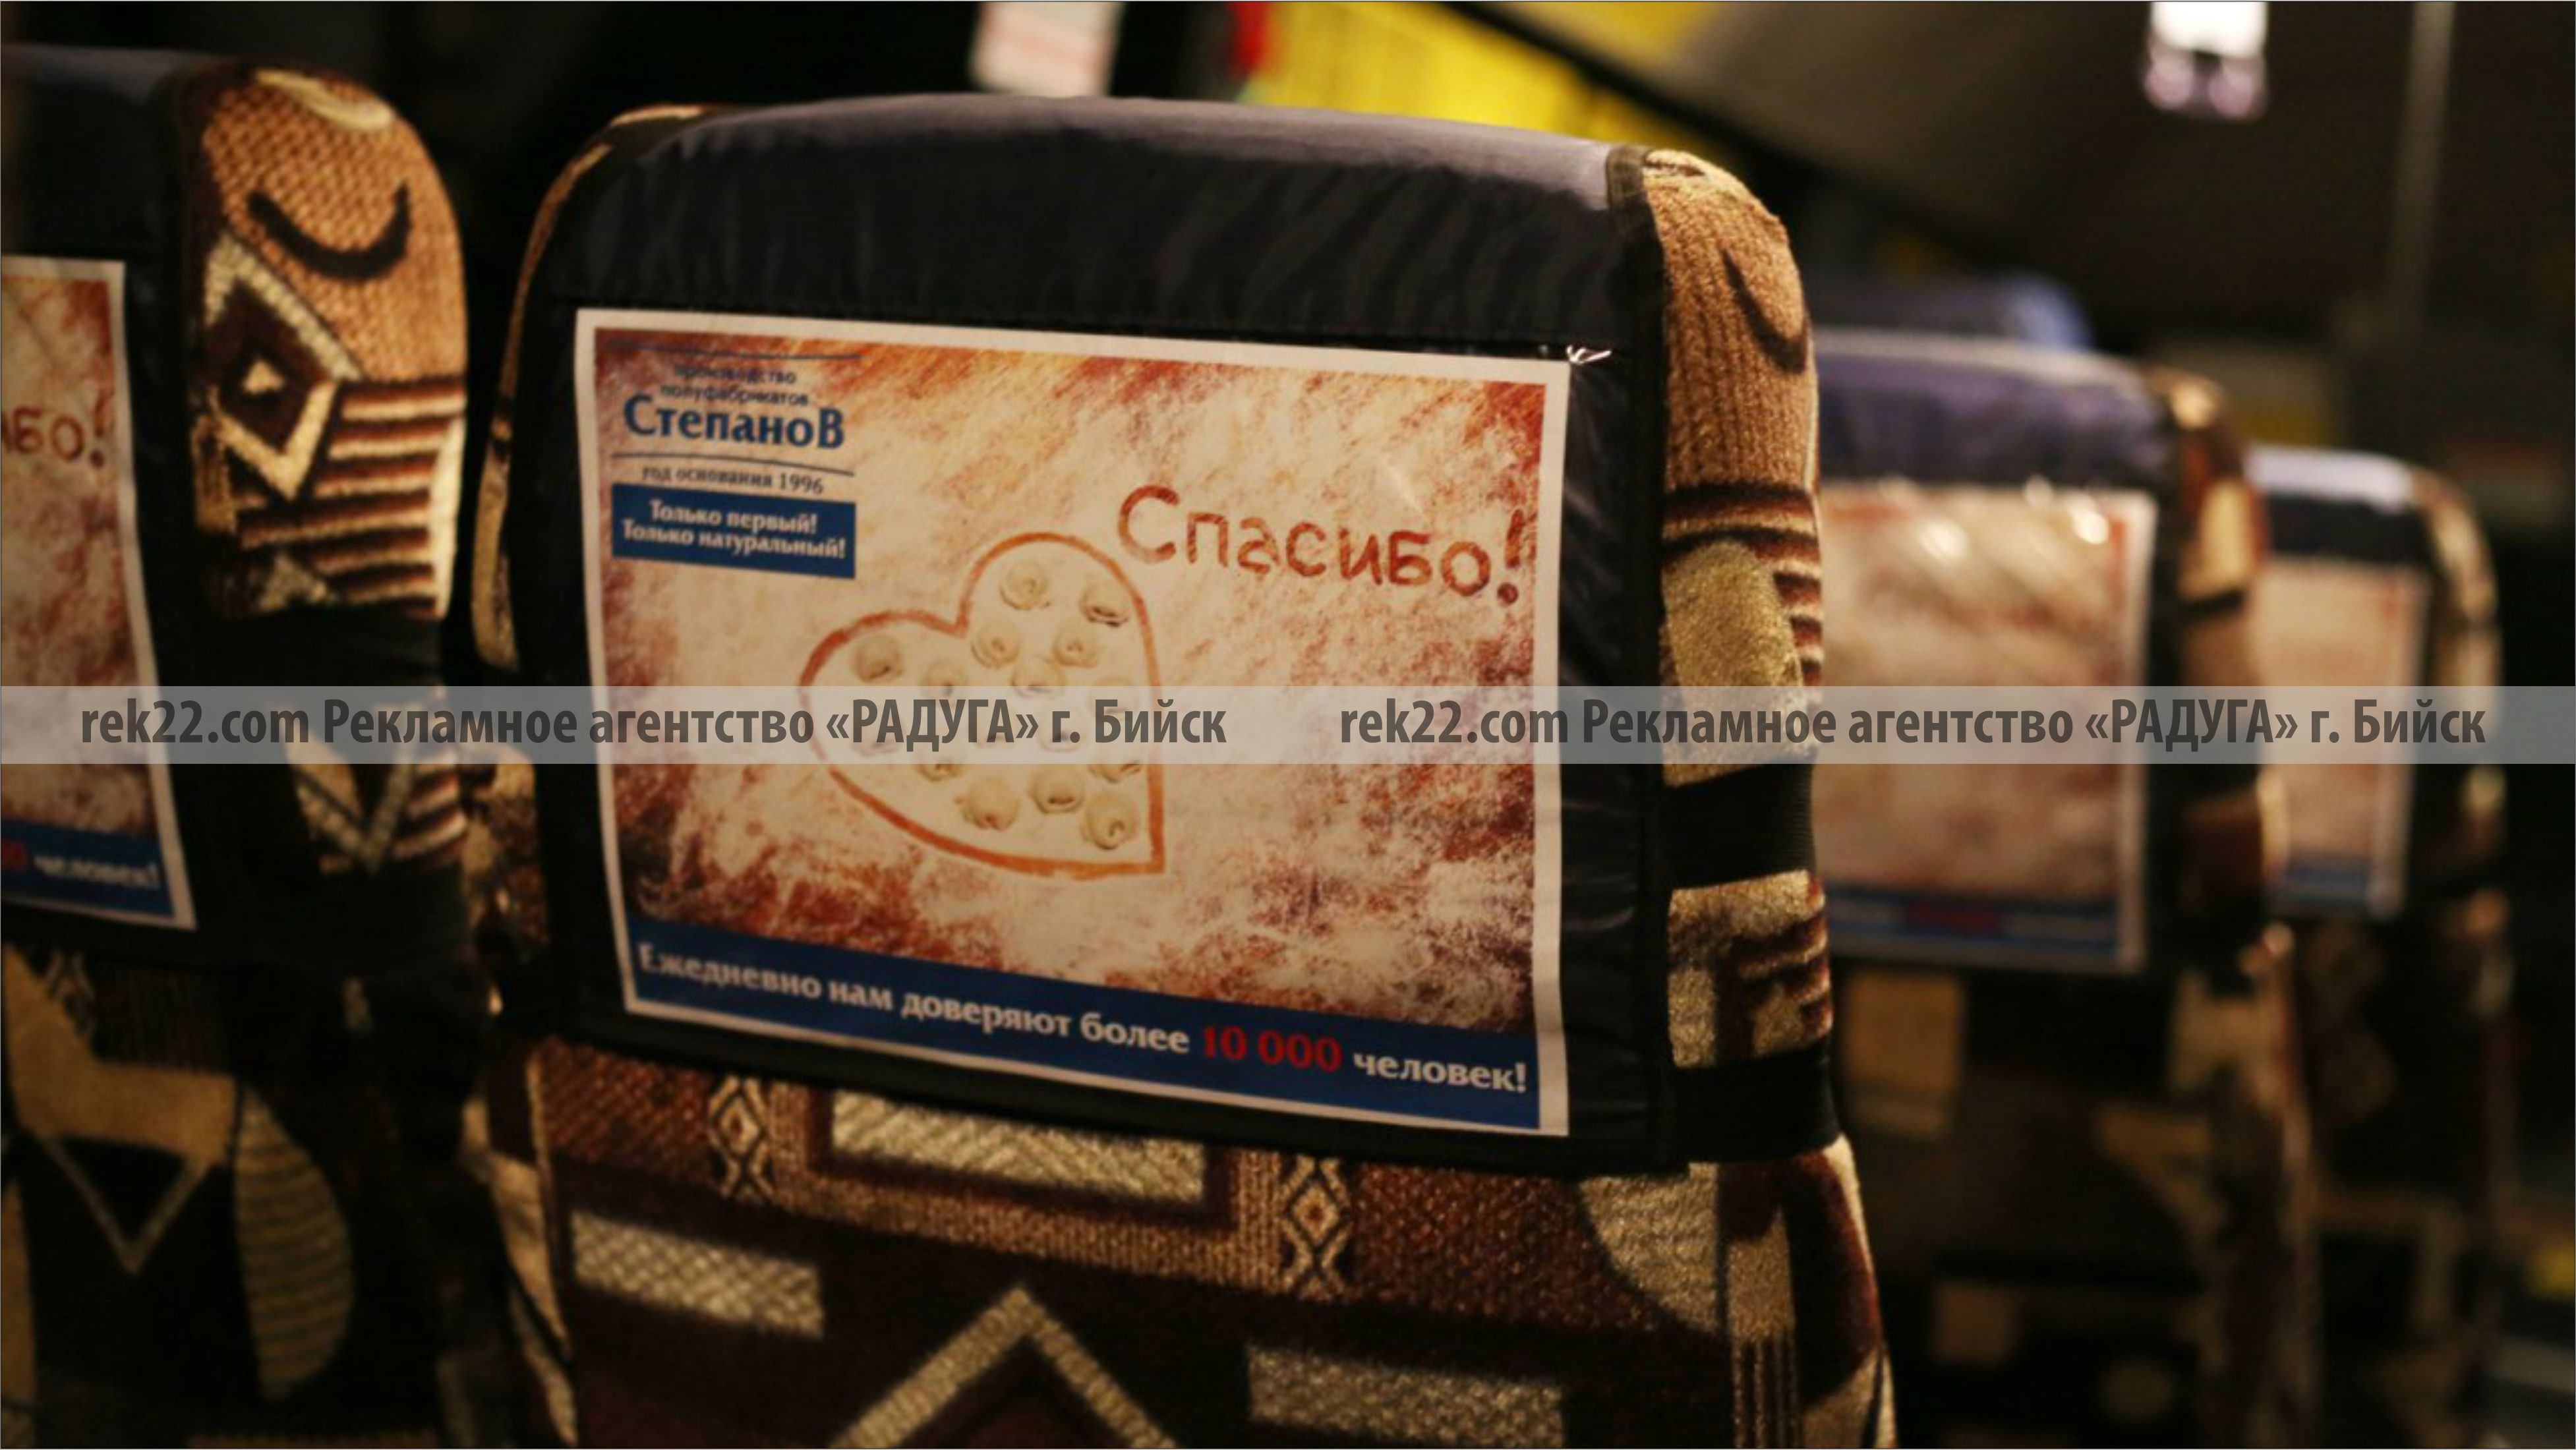 Реклама на транспорте Бийск - подголовники - 1.1